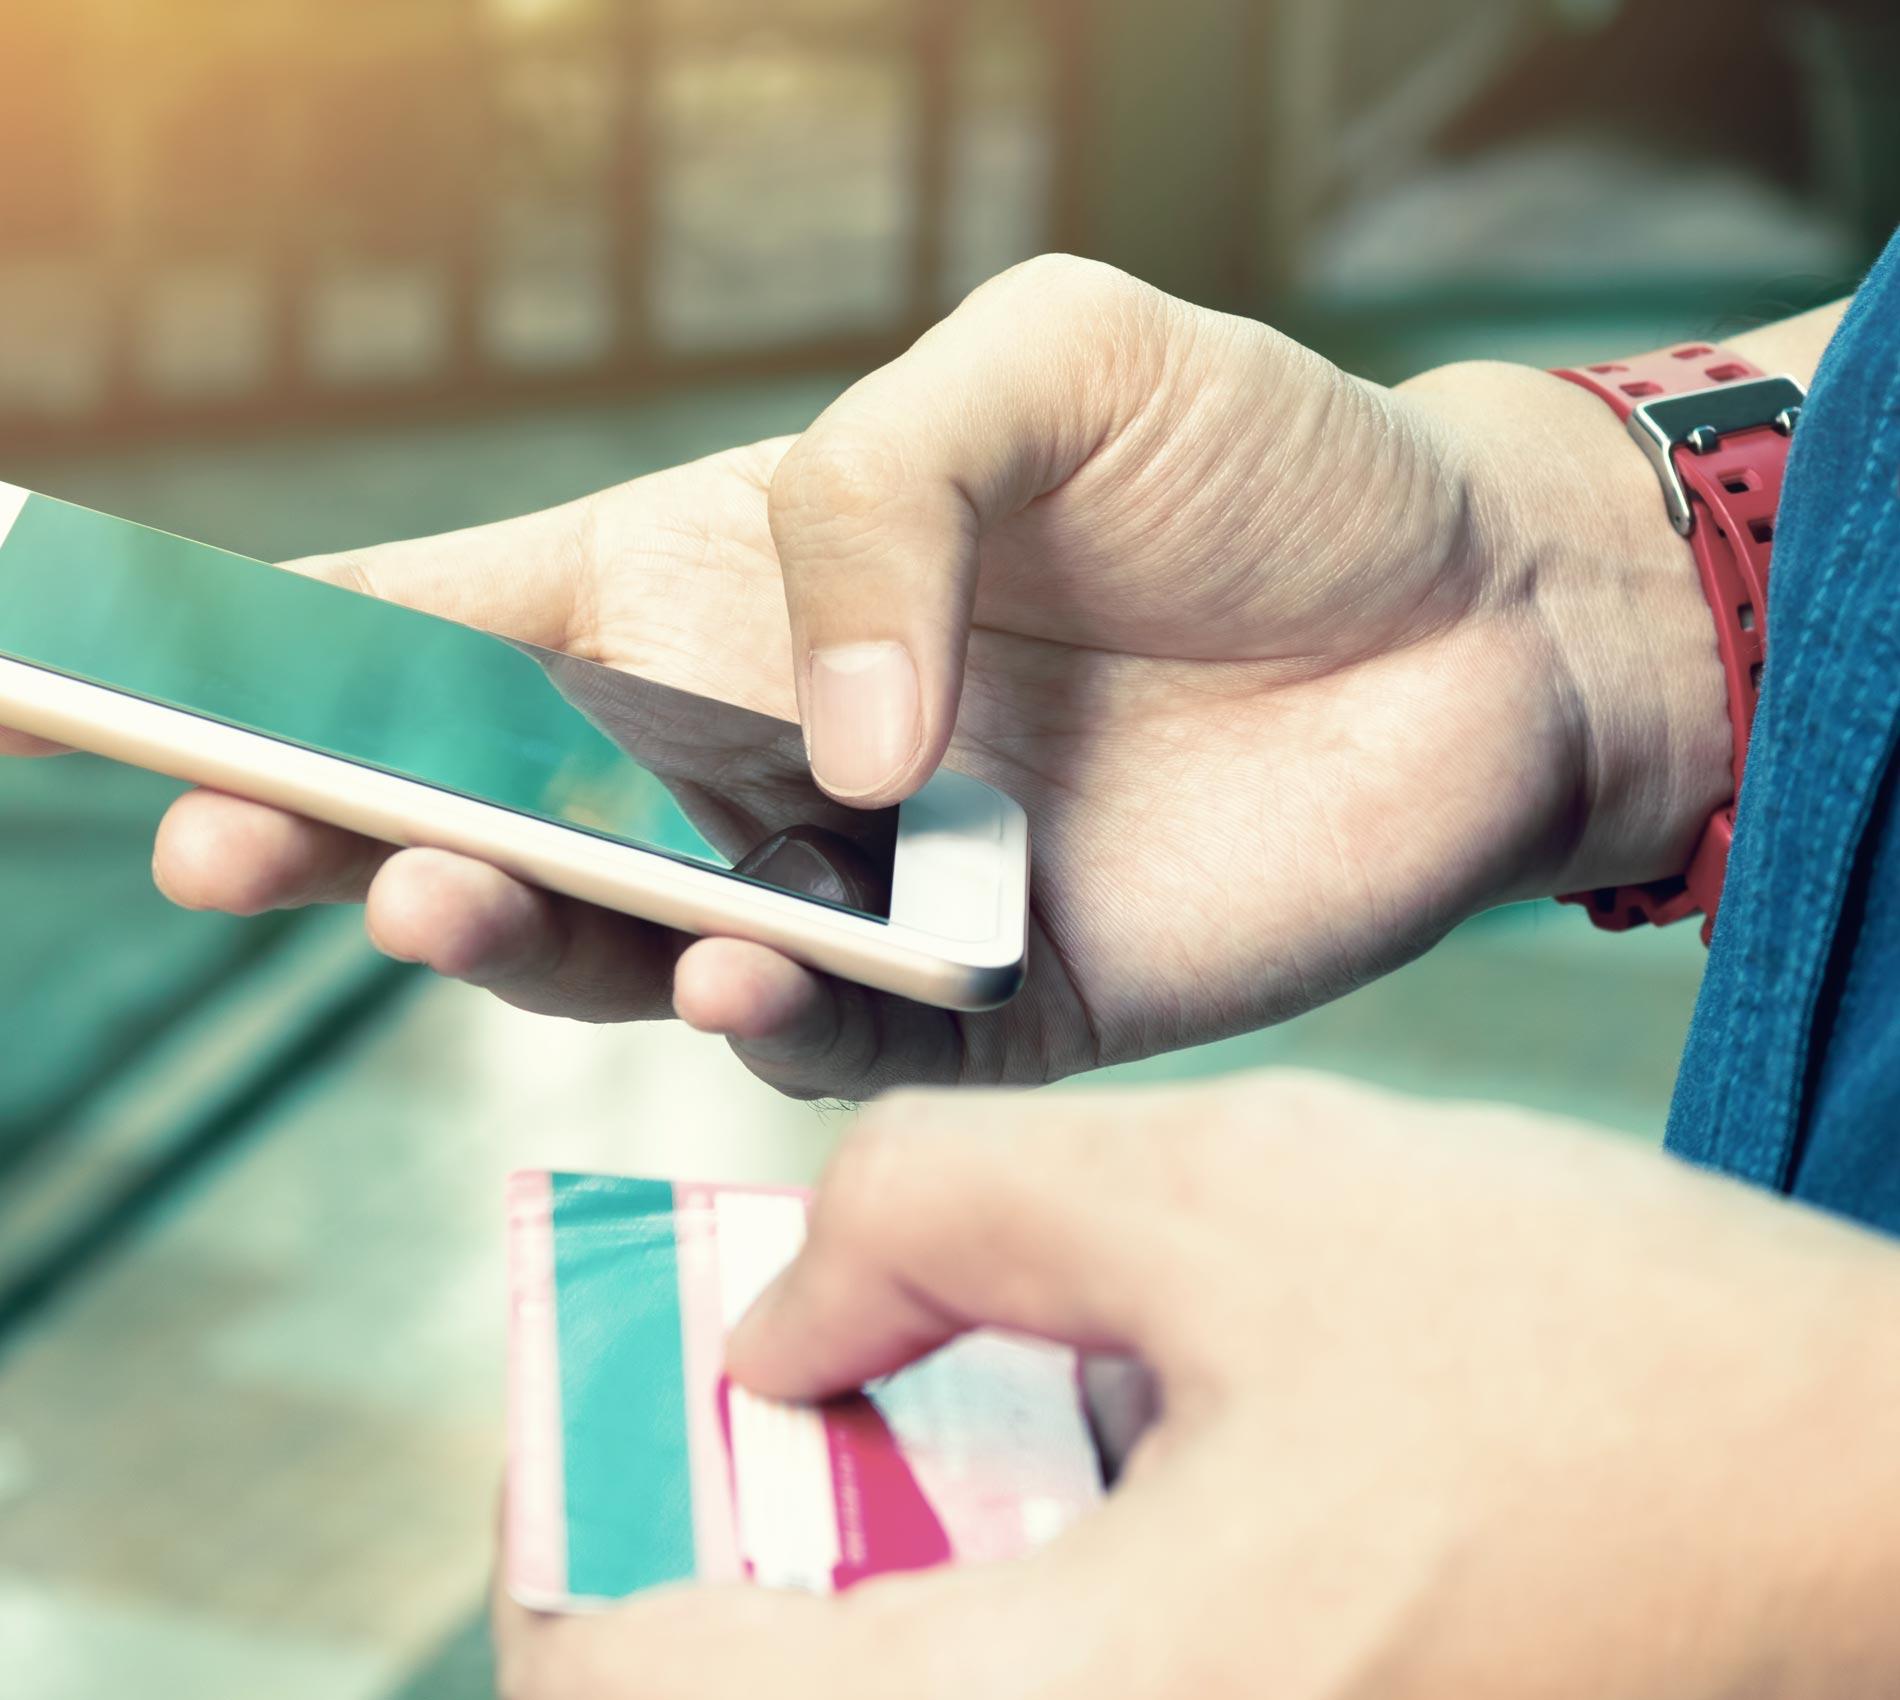 O COVID-19 vai mudar a forma como os consumidores efetuam pagamentos?